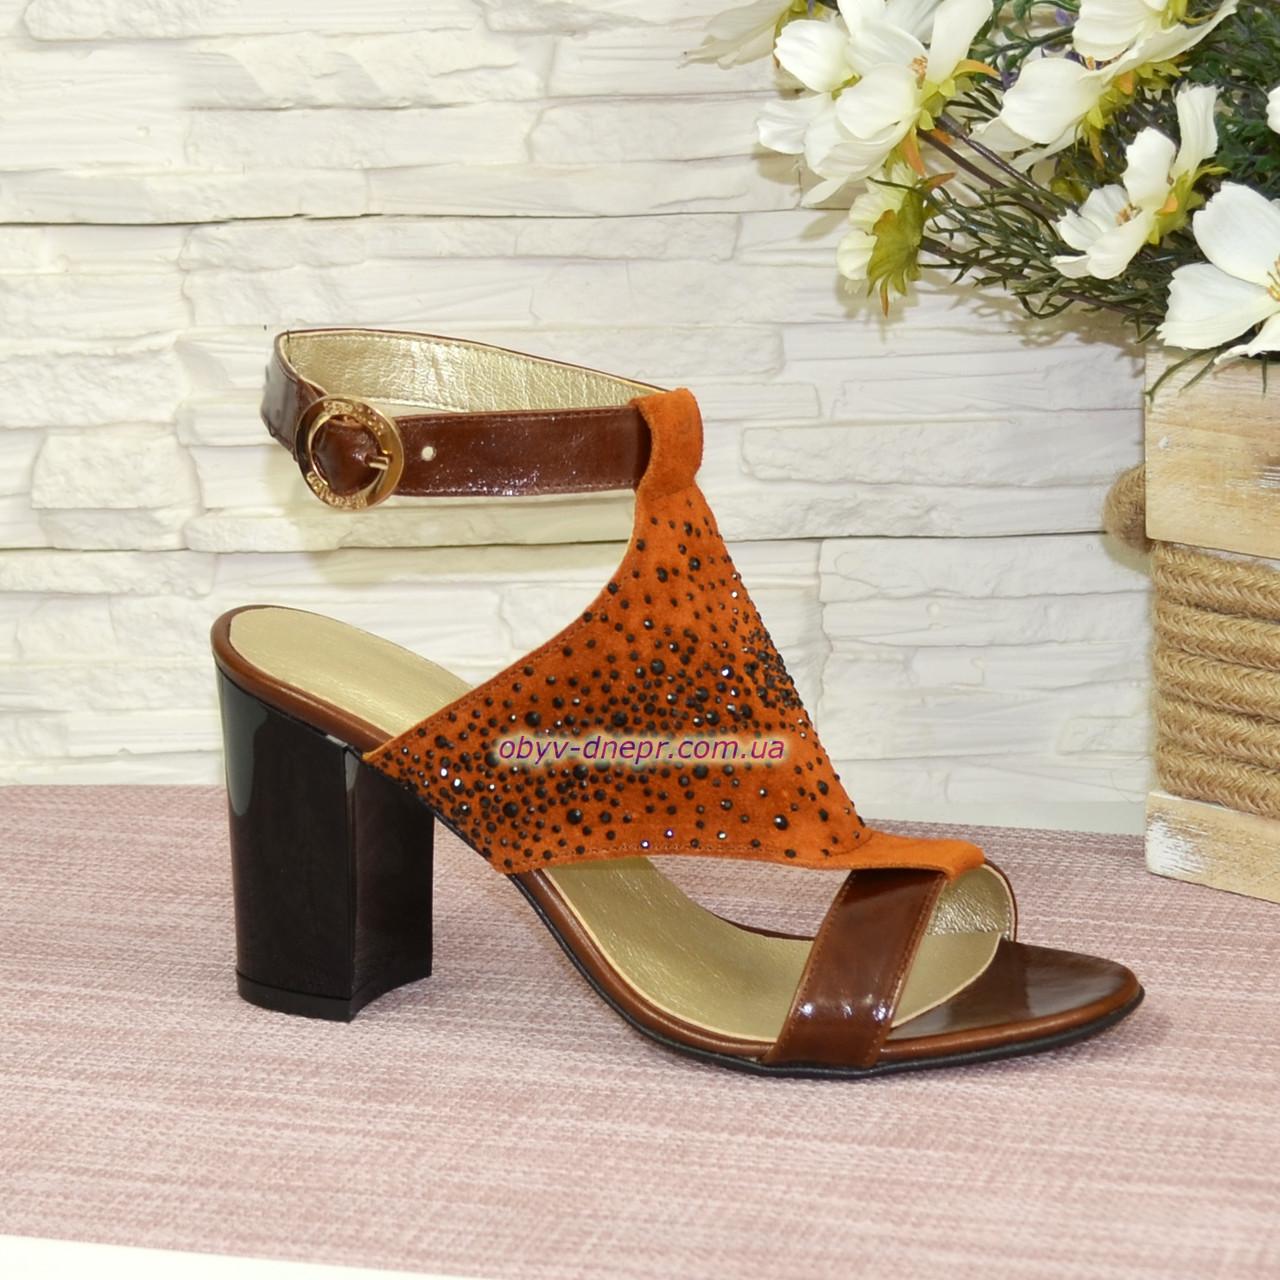 Босоножки женские комбинированные на высоком каблуке. 36 размер